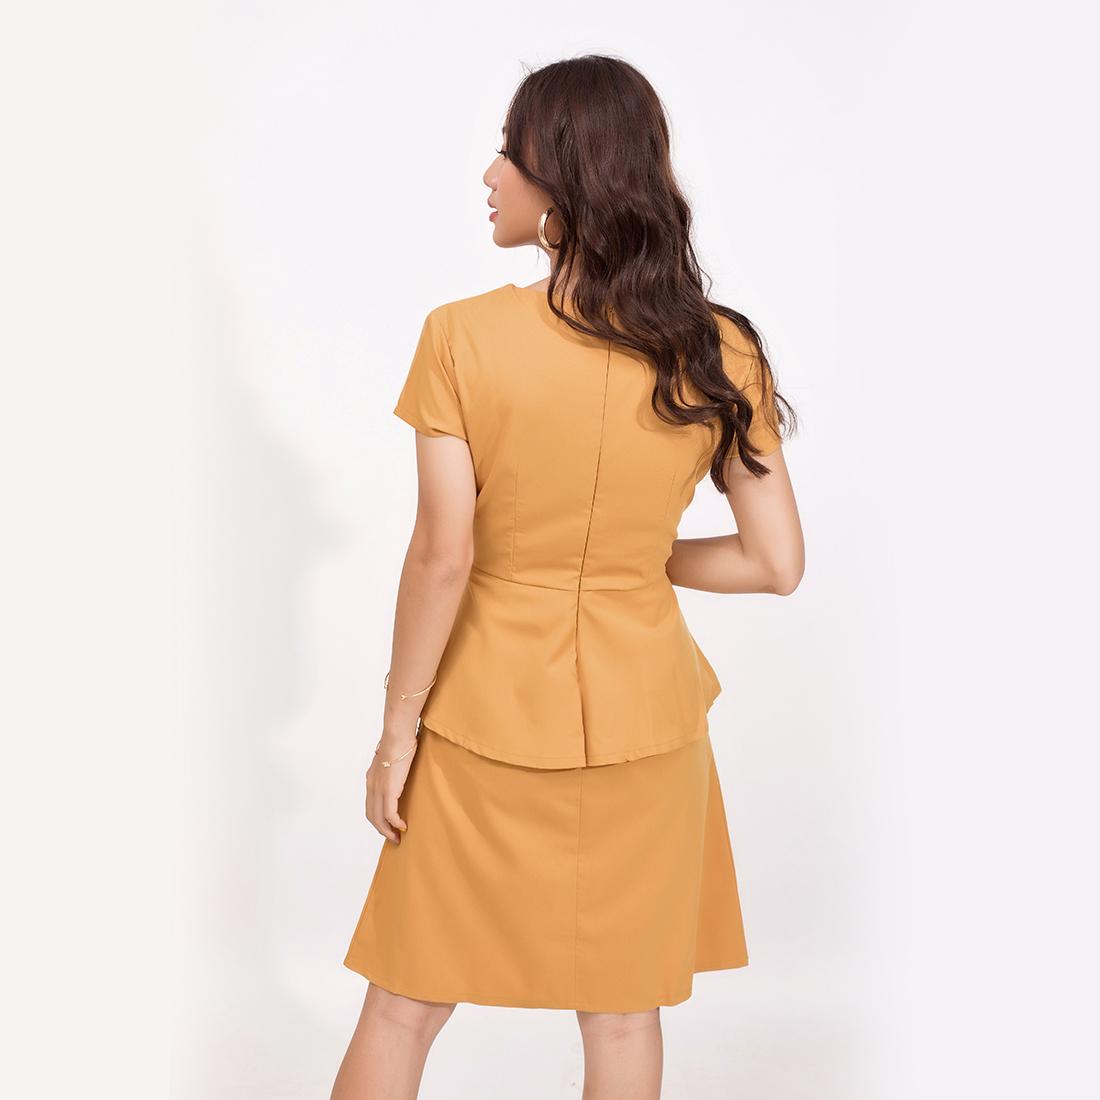 Đầm Peplum Công Sở Thời Trang Eden Cổ Tim - D371 - Màu vàng